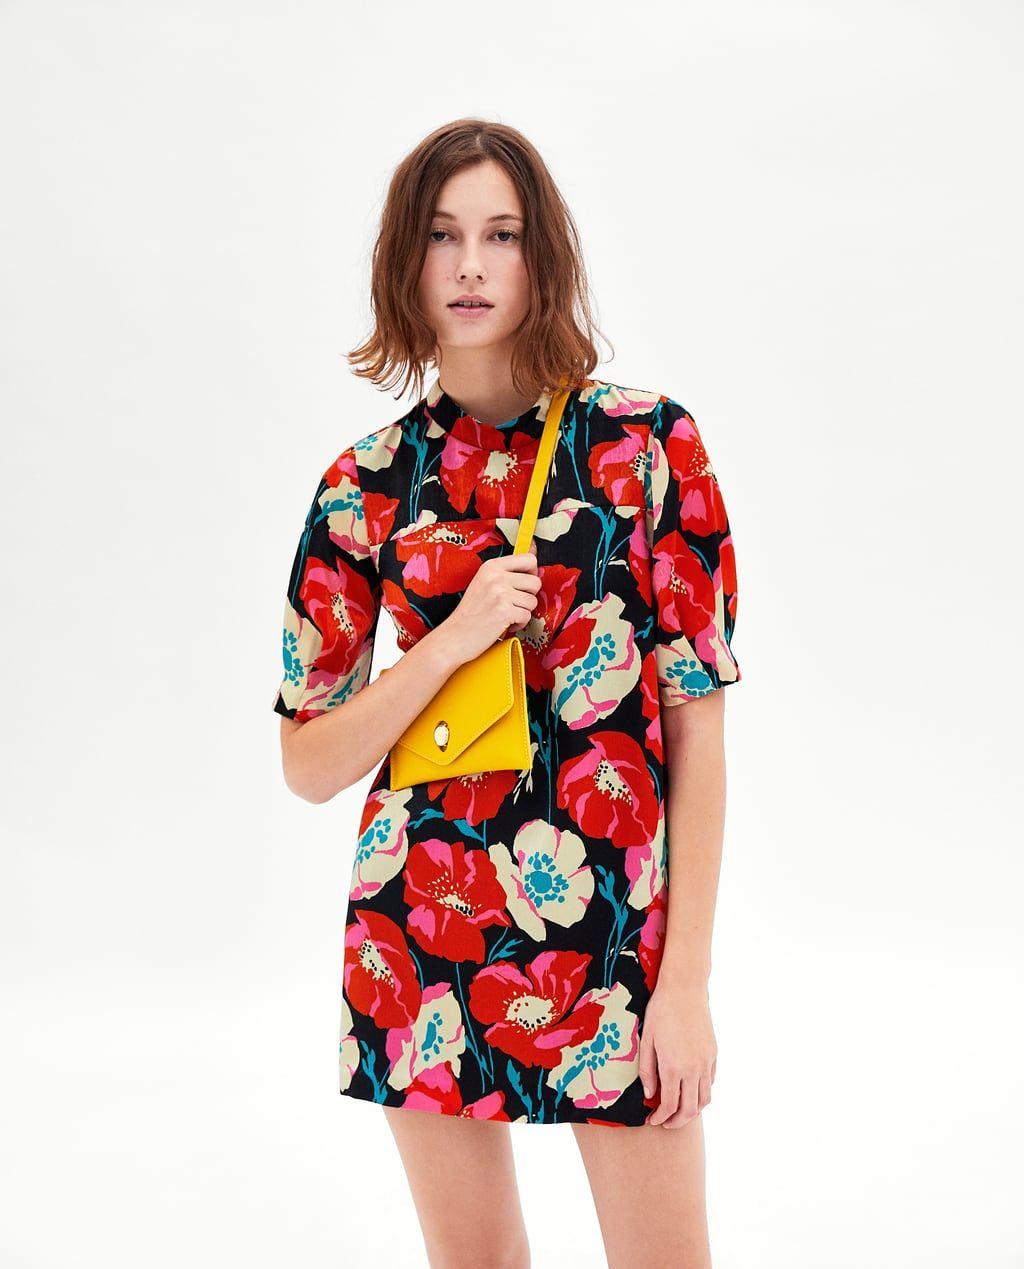 Bild 4 Von Kleid Mit Mohnblumen Von Zara With Images Fashion Prints Minimal Fashion Fashion Sewing